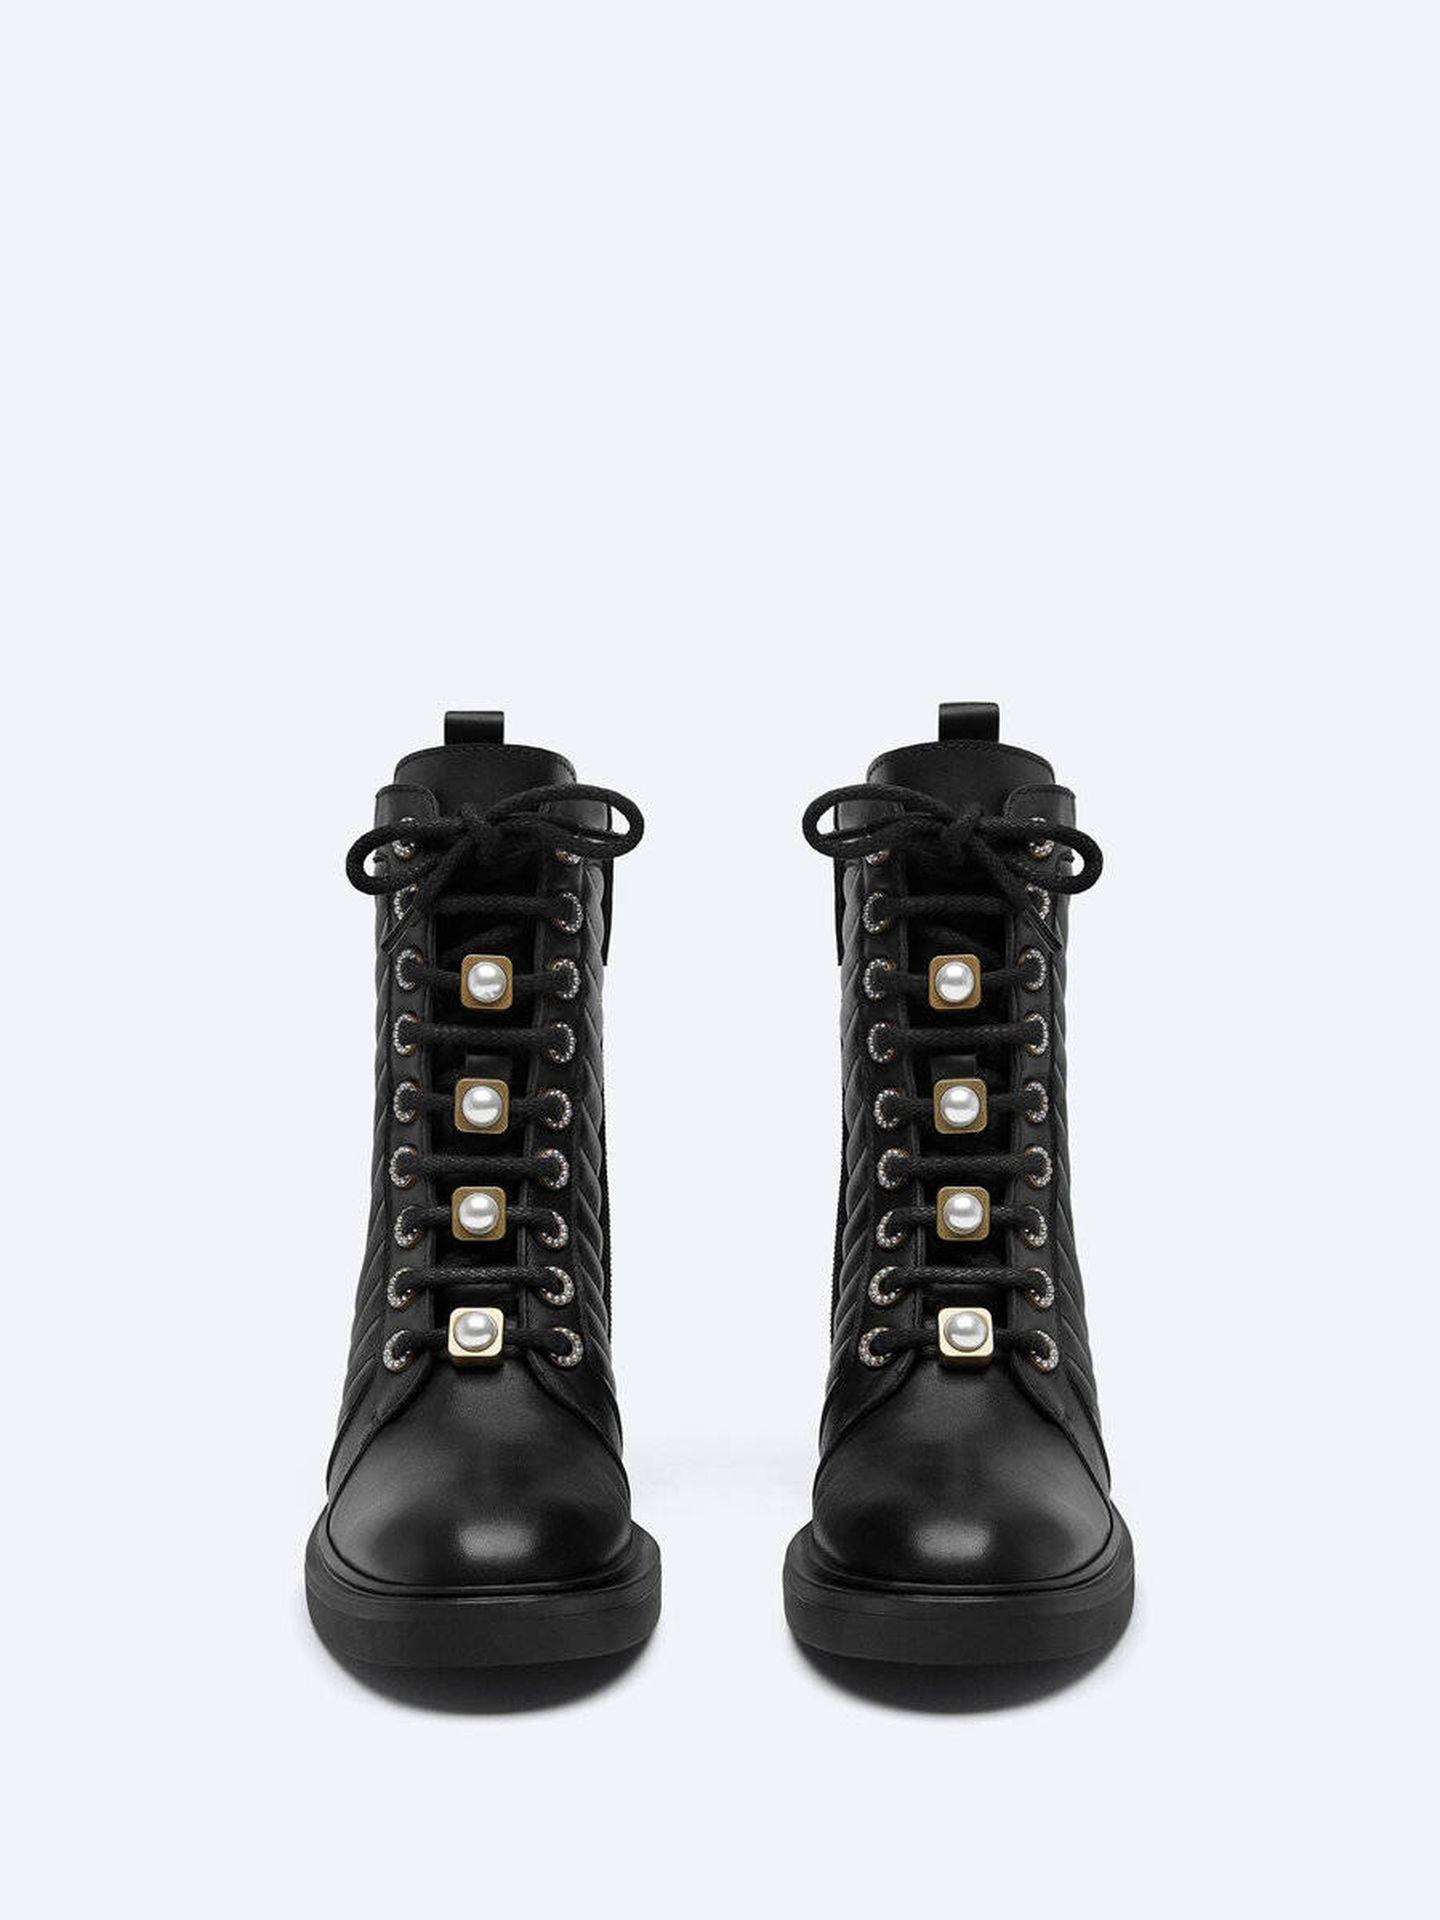 Las botas de Uterqüe. (Cortesía)